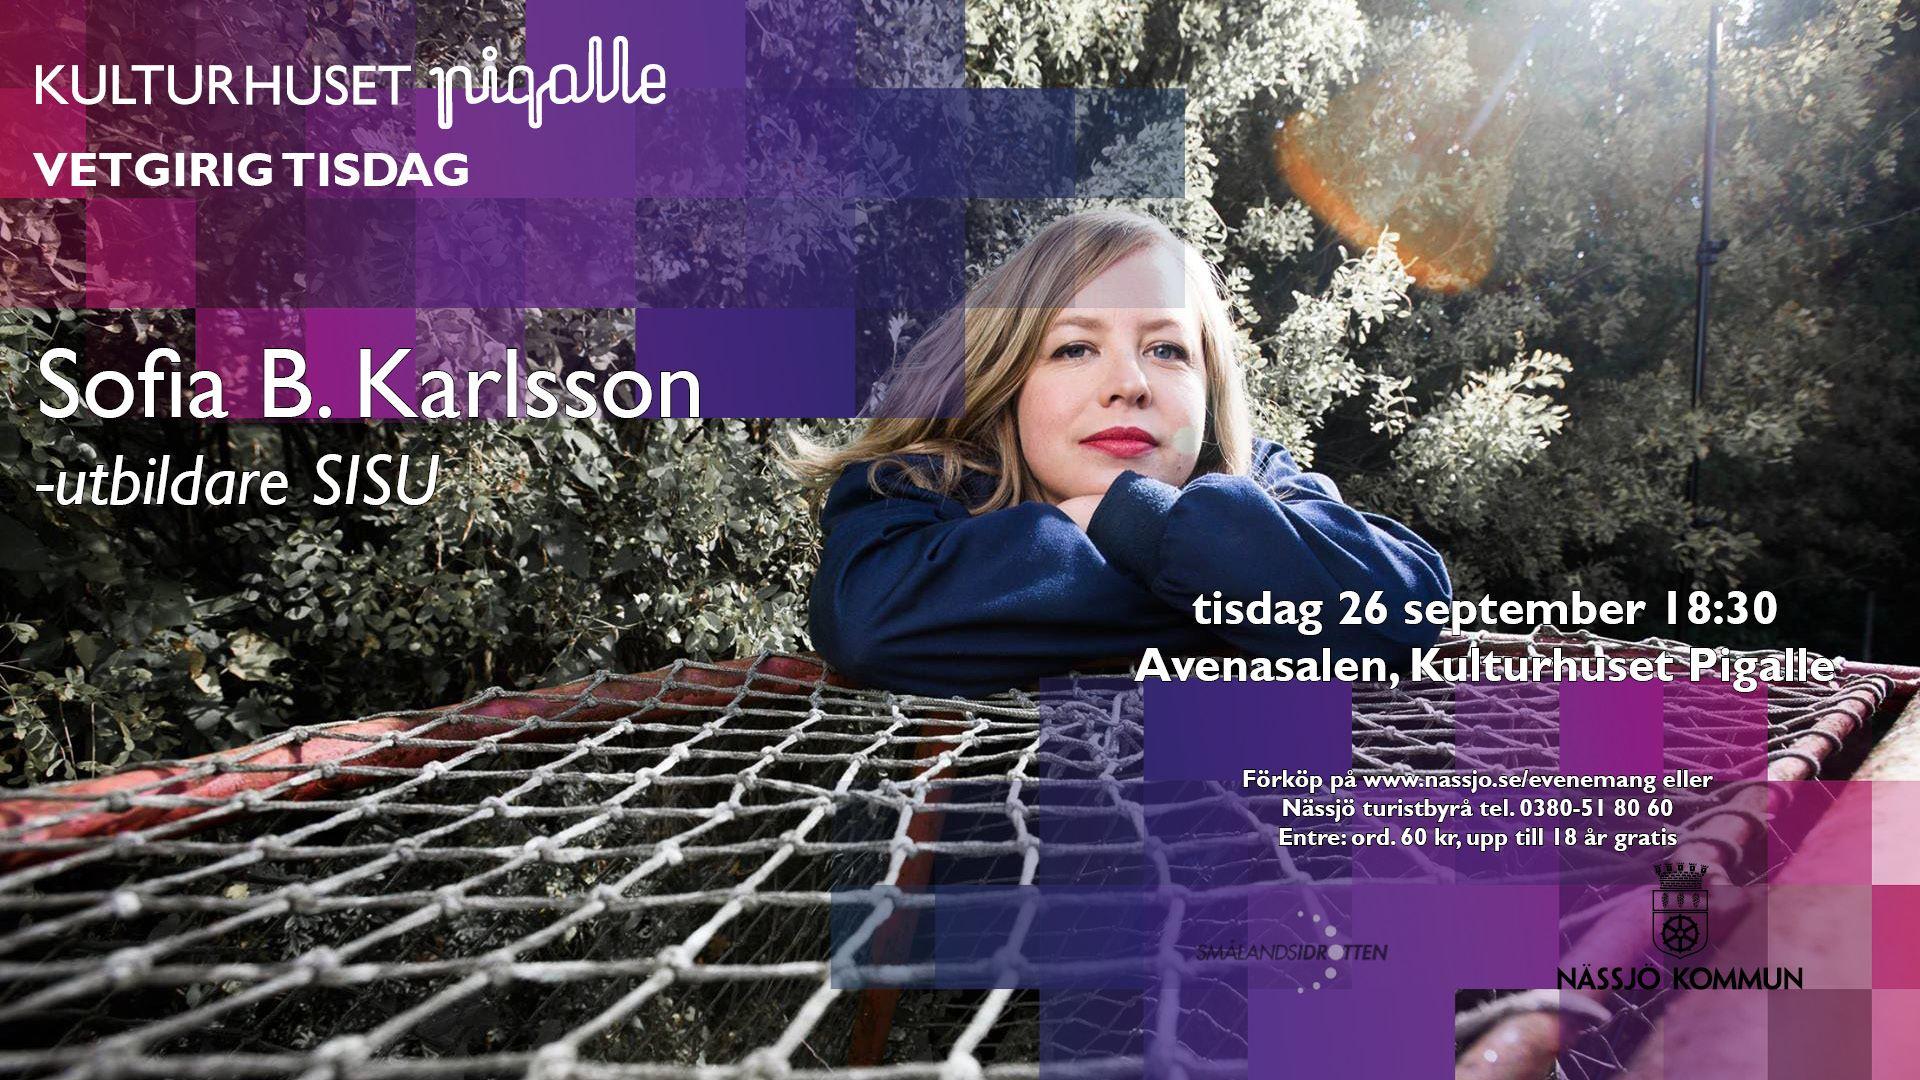 Sofia B. Karlsson, utbildare inom SISU Idrottsutbildarna